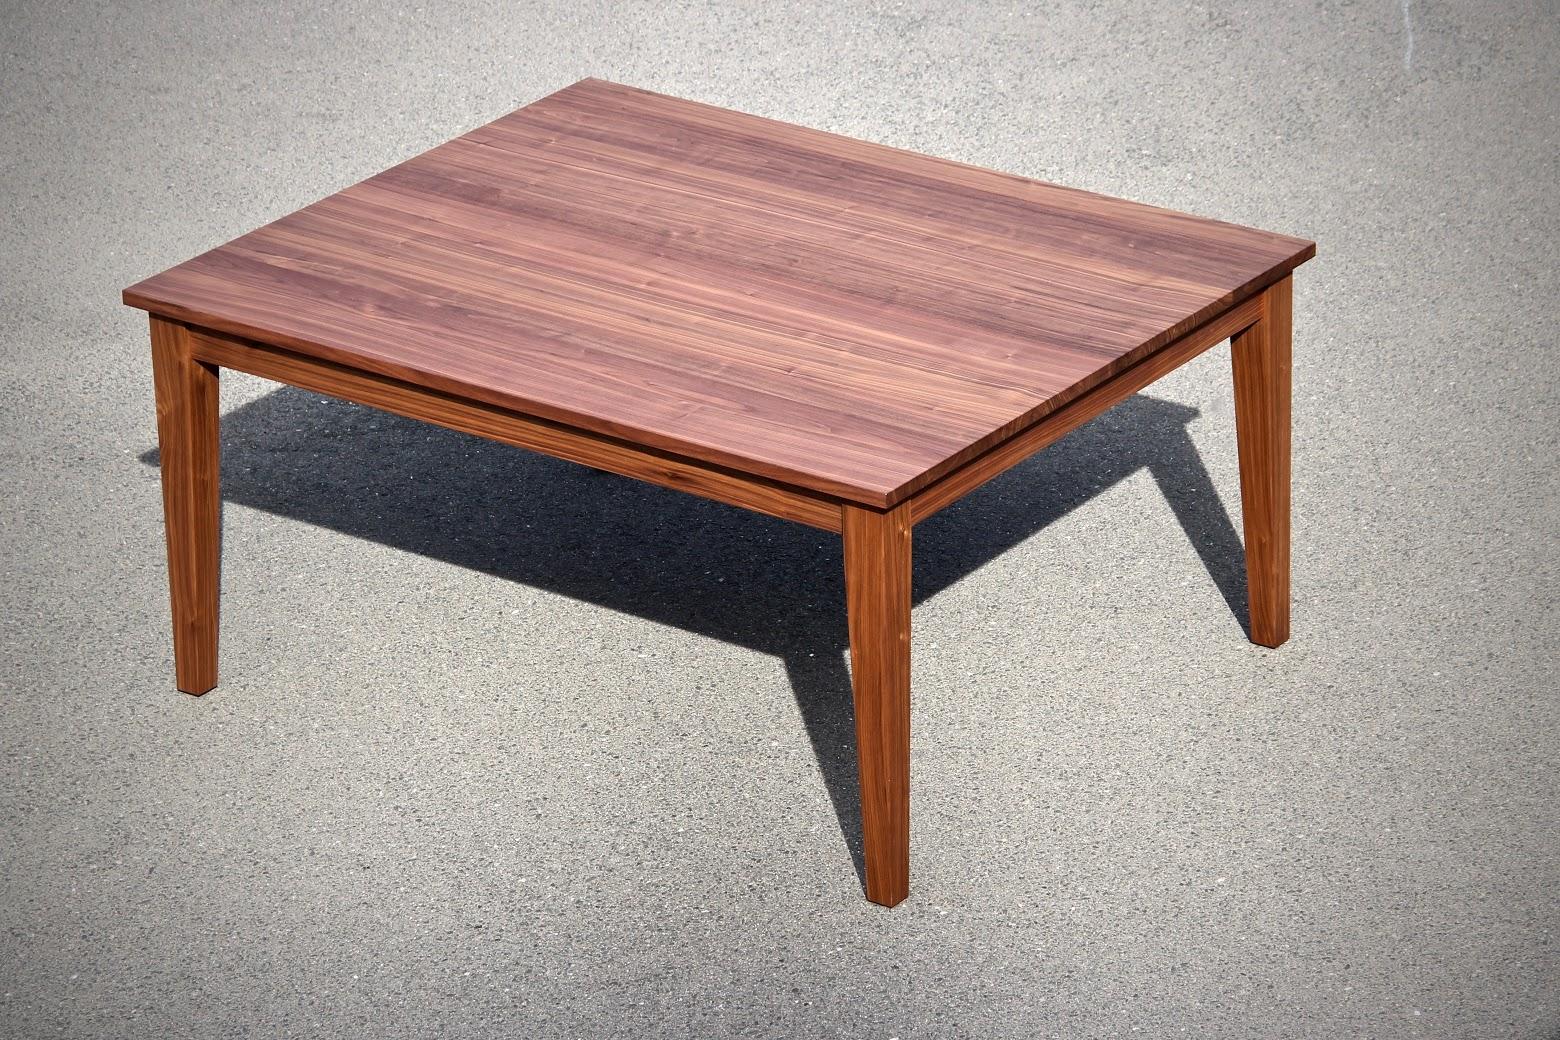 esstisch 130x160cm aus nussbaum ausziehbar um 2x50cm auf 130x260cm sinnesmagnet. Black Bedroom Furniture Sets. Home Design Ideas